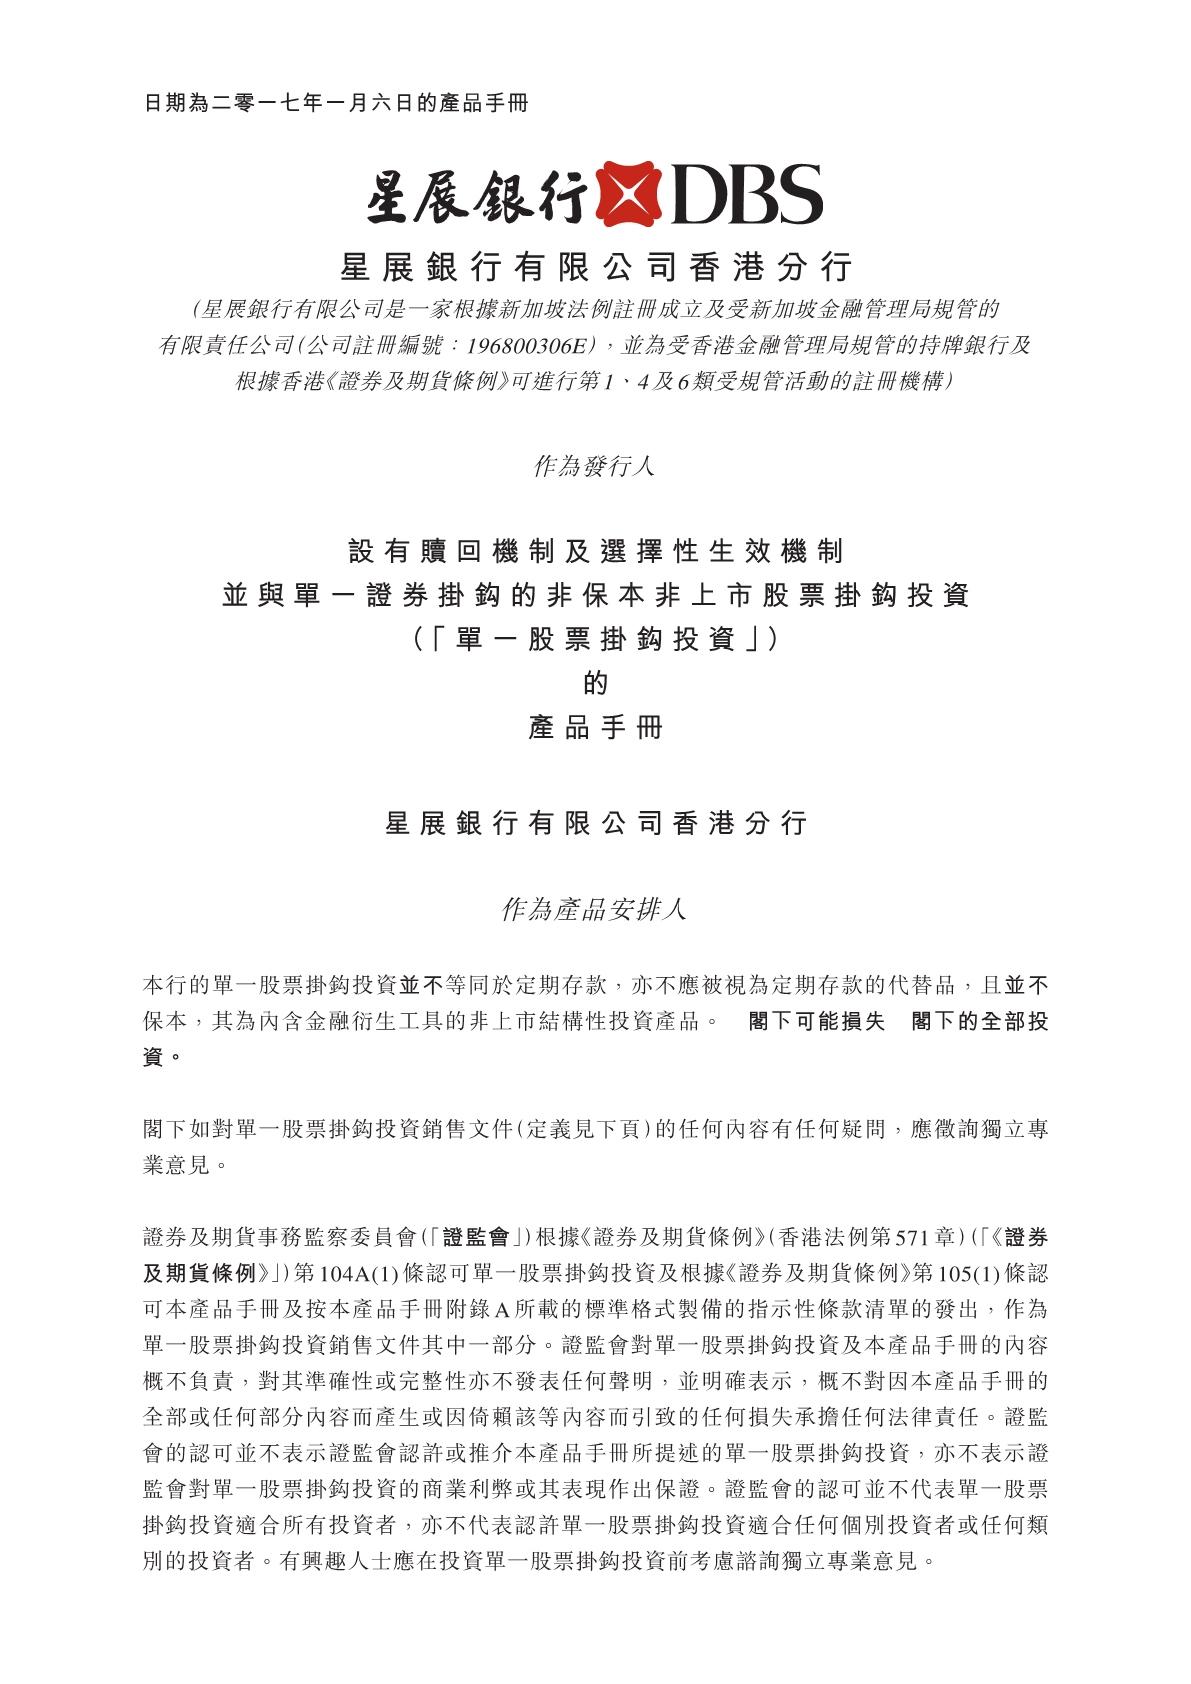 星展银行有限公司香港分行 – 产品手册(单一ELI)